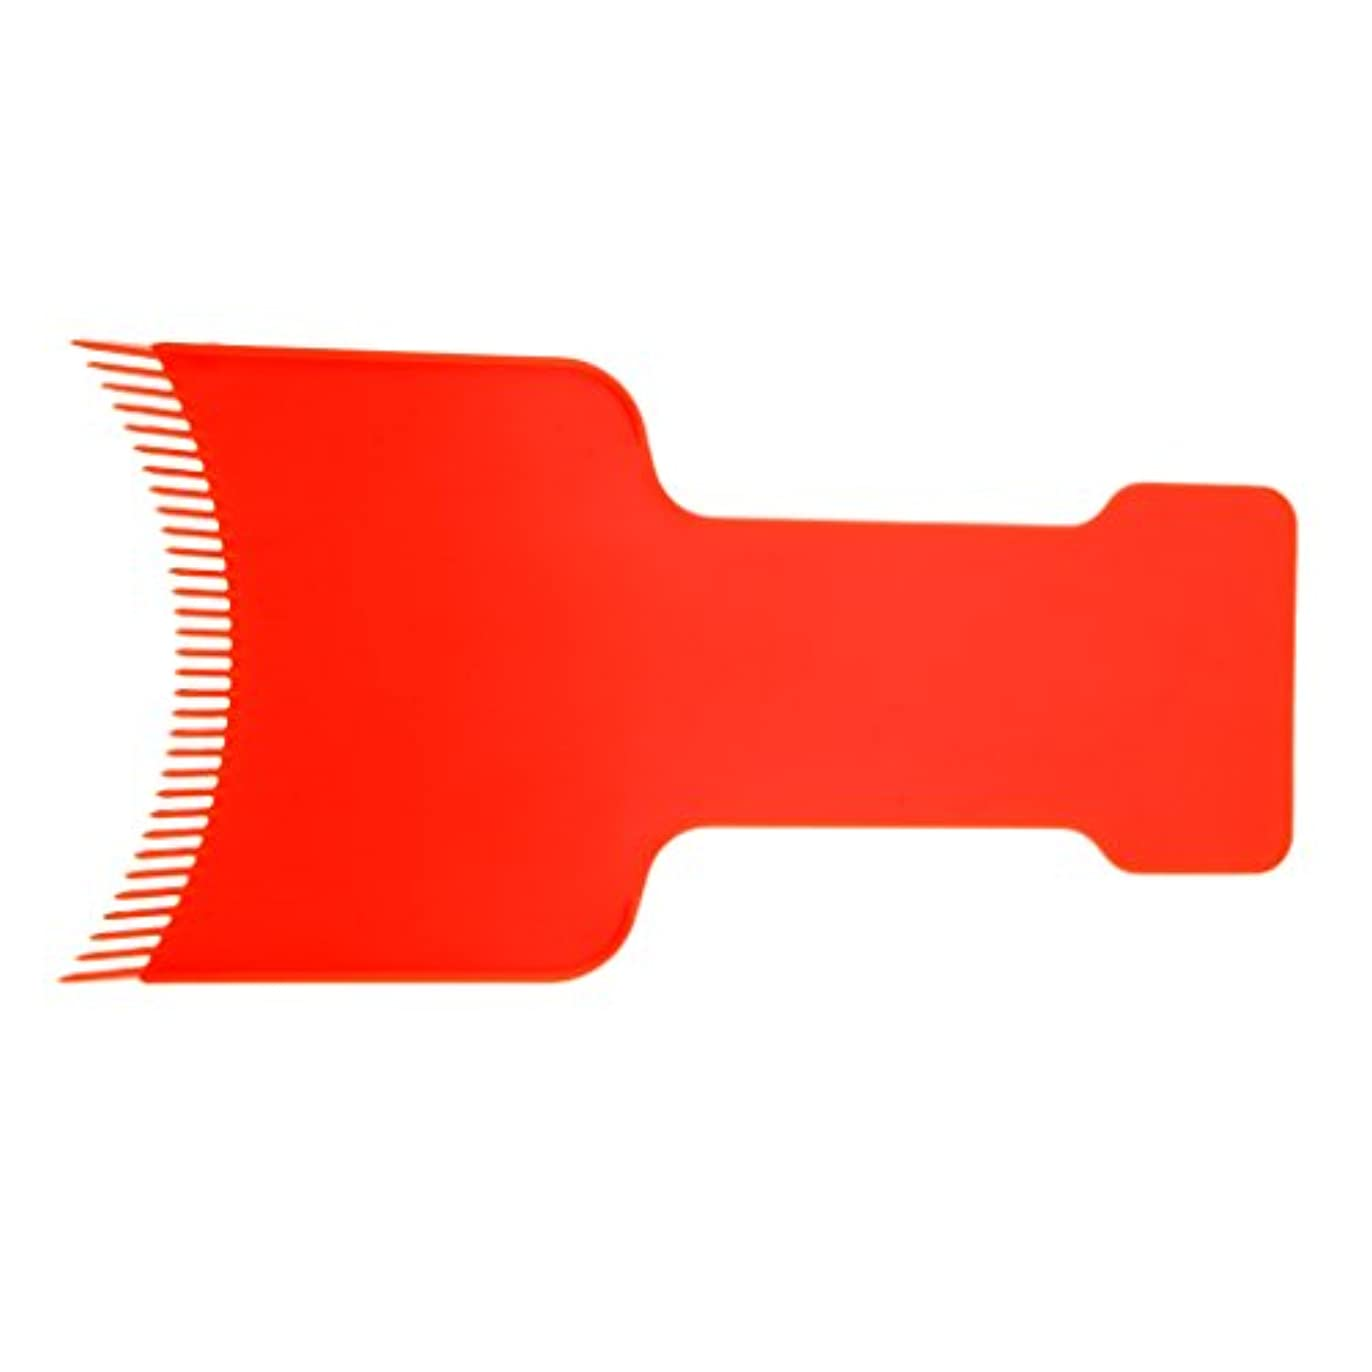 冷酷な公平結婚式Toygogo サロンヘアカラーボード|染毛剤プレート|理髪理髪ヘアカラーボード19x9.5 Cm